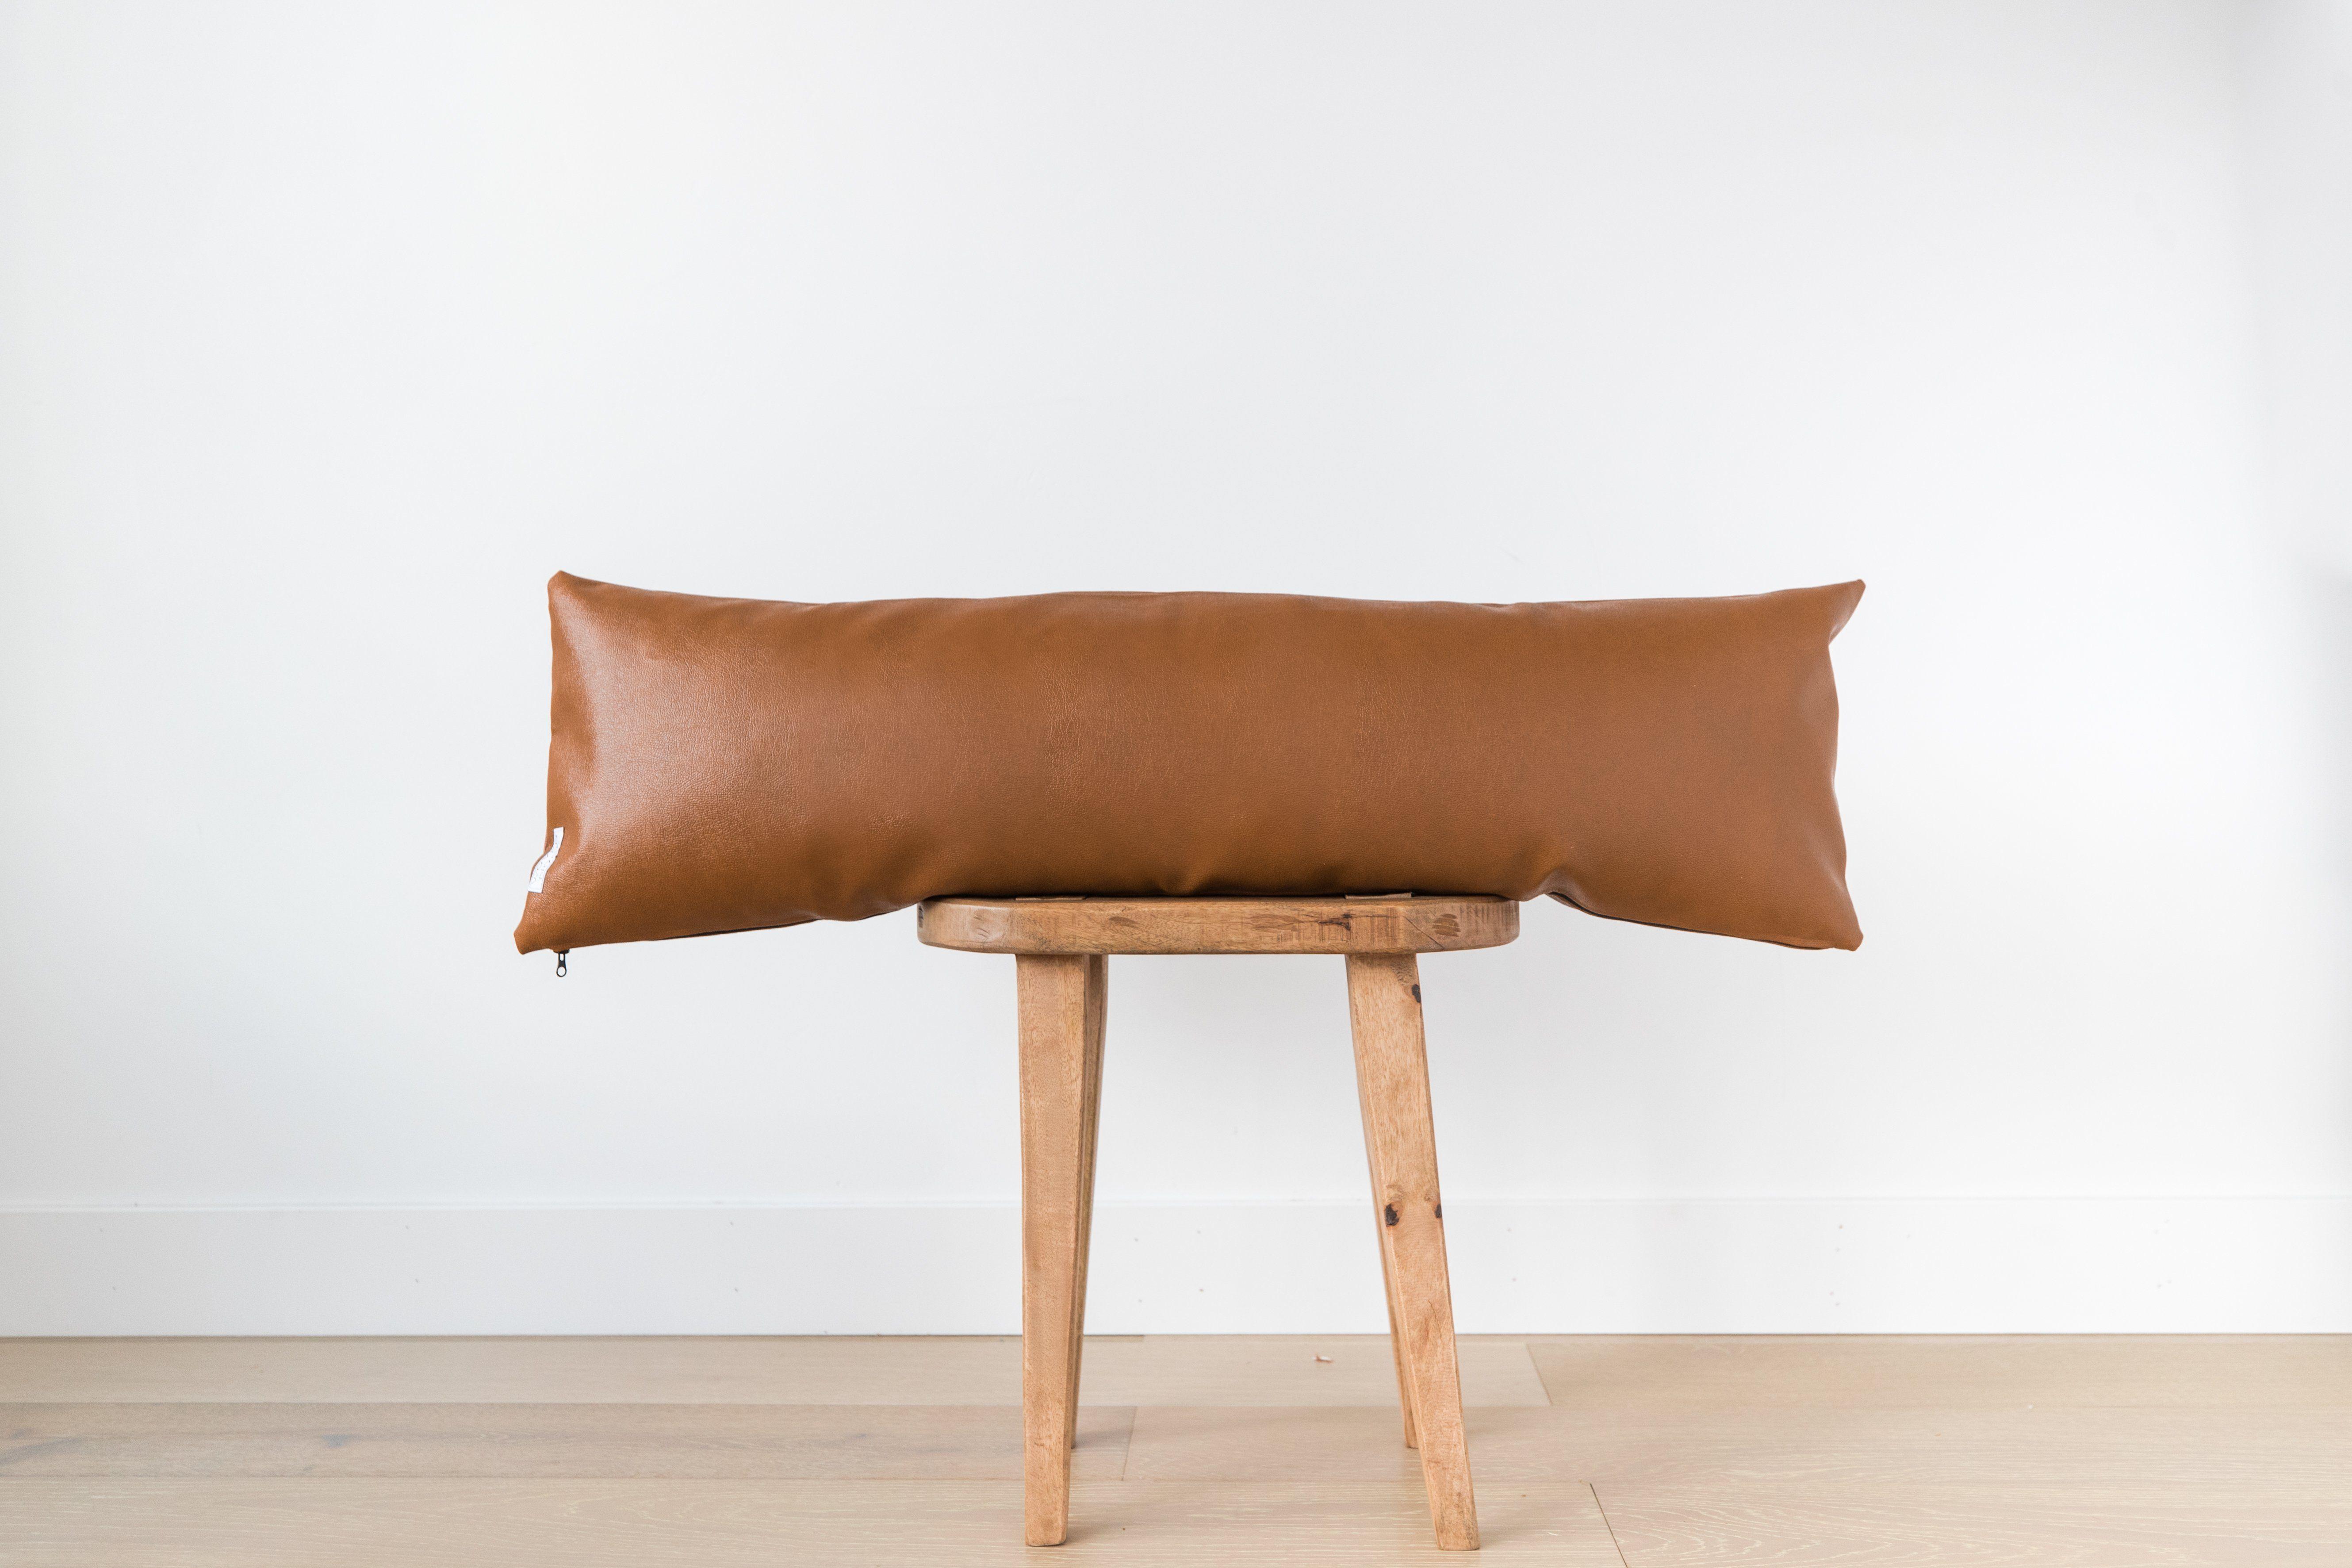 milo lumbar12 x40 in 2021 lumbar throw pillow pillow covers pillow cover design